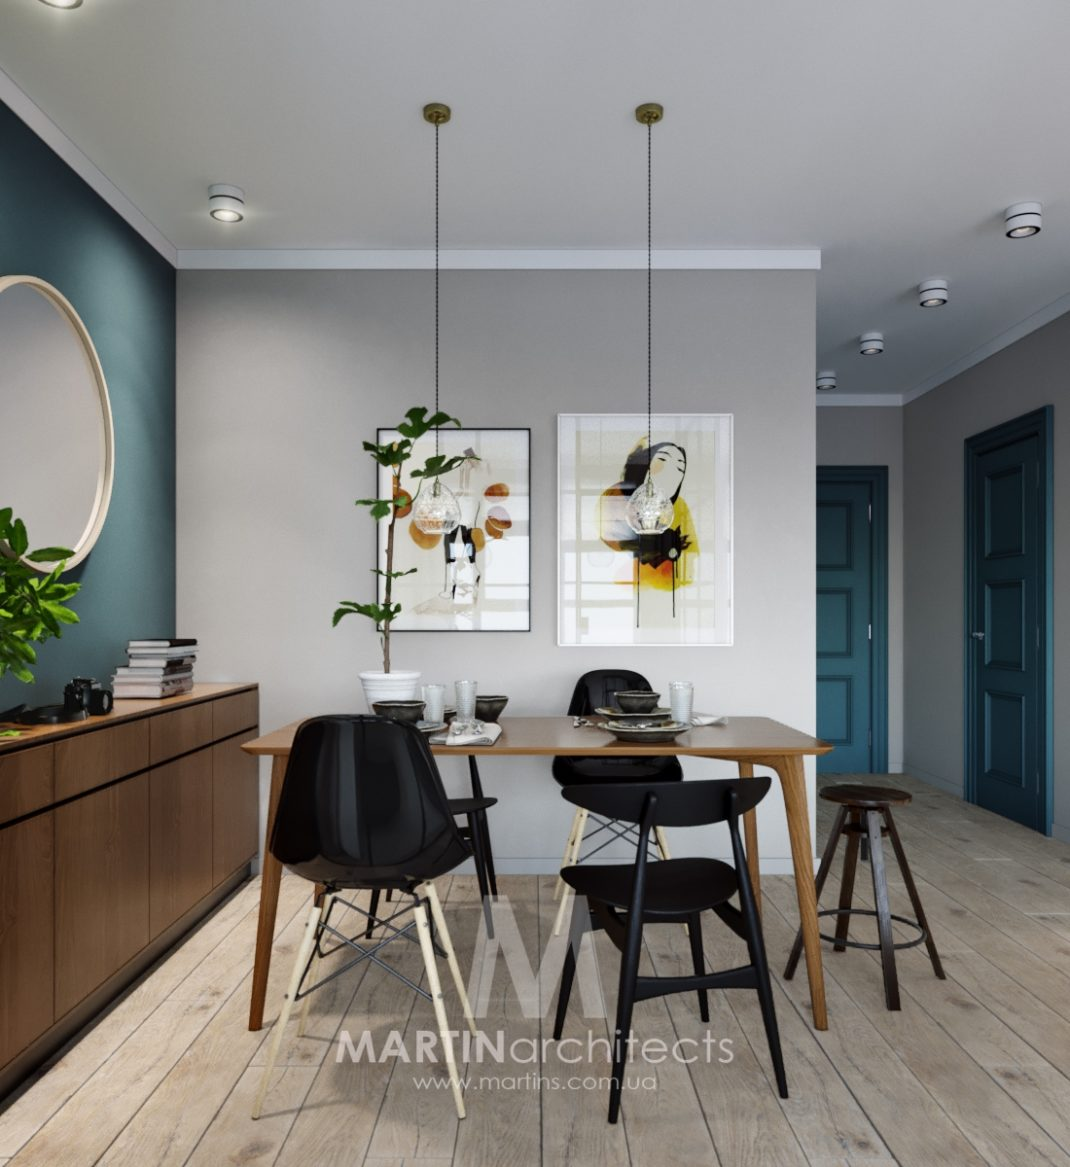 D corer un petit appartement gr ce quelques astuces d co - Decorer un petit studio ...